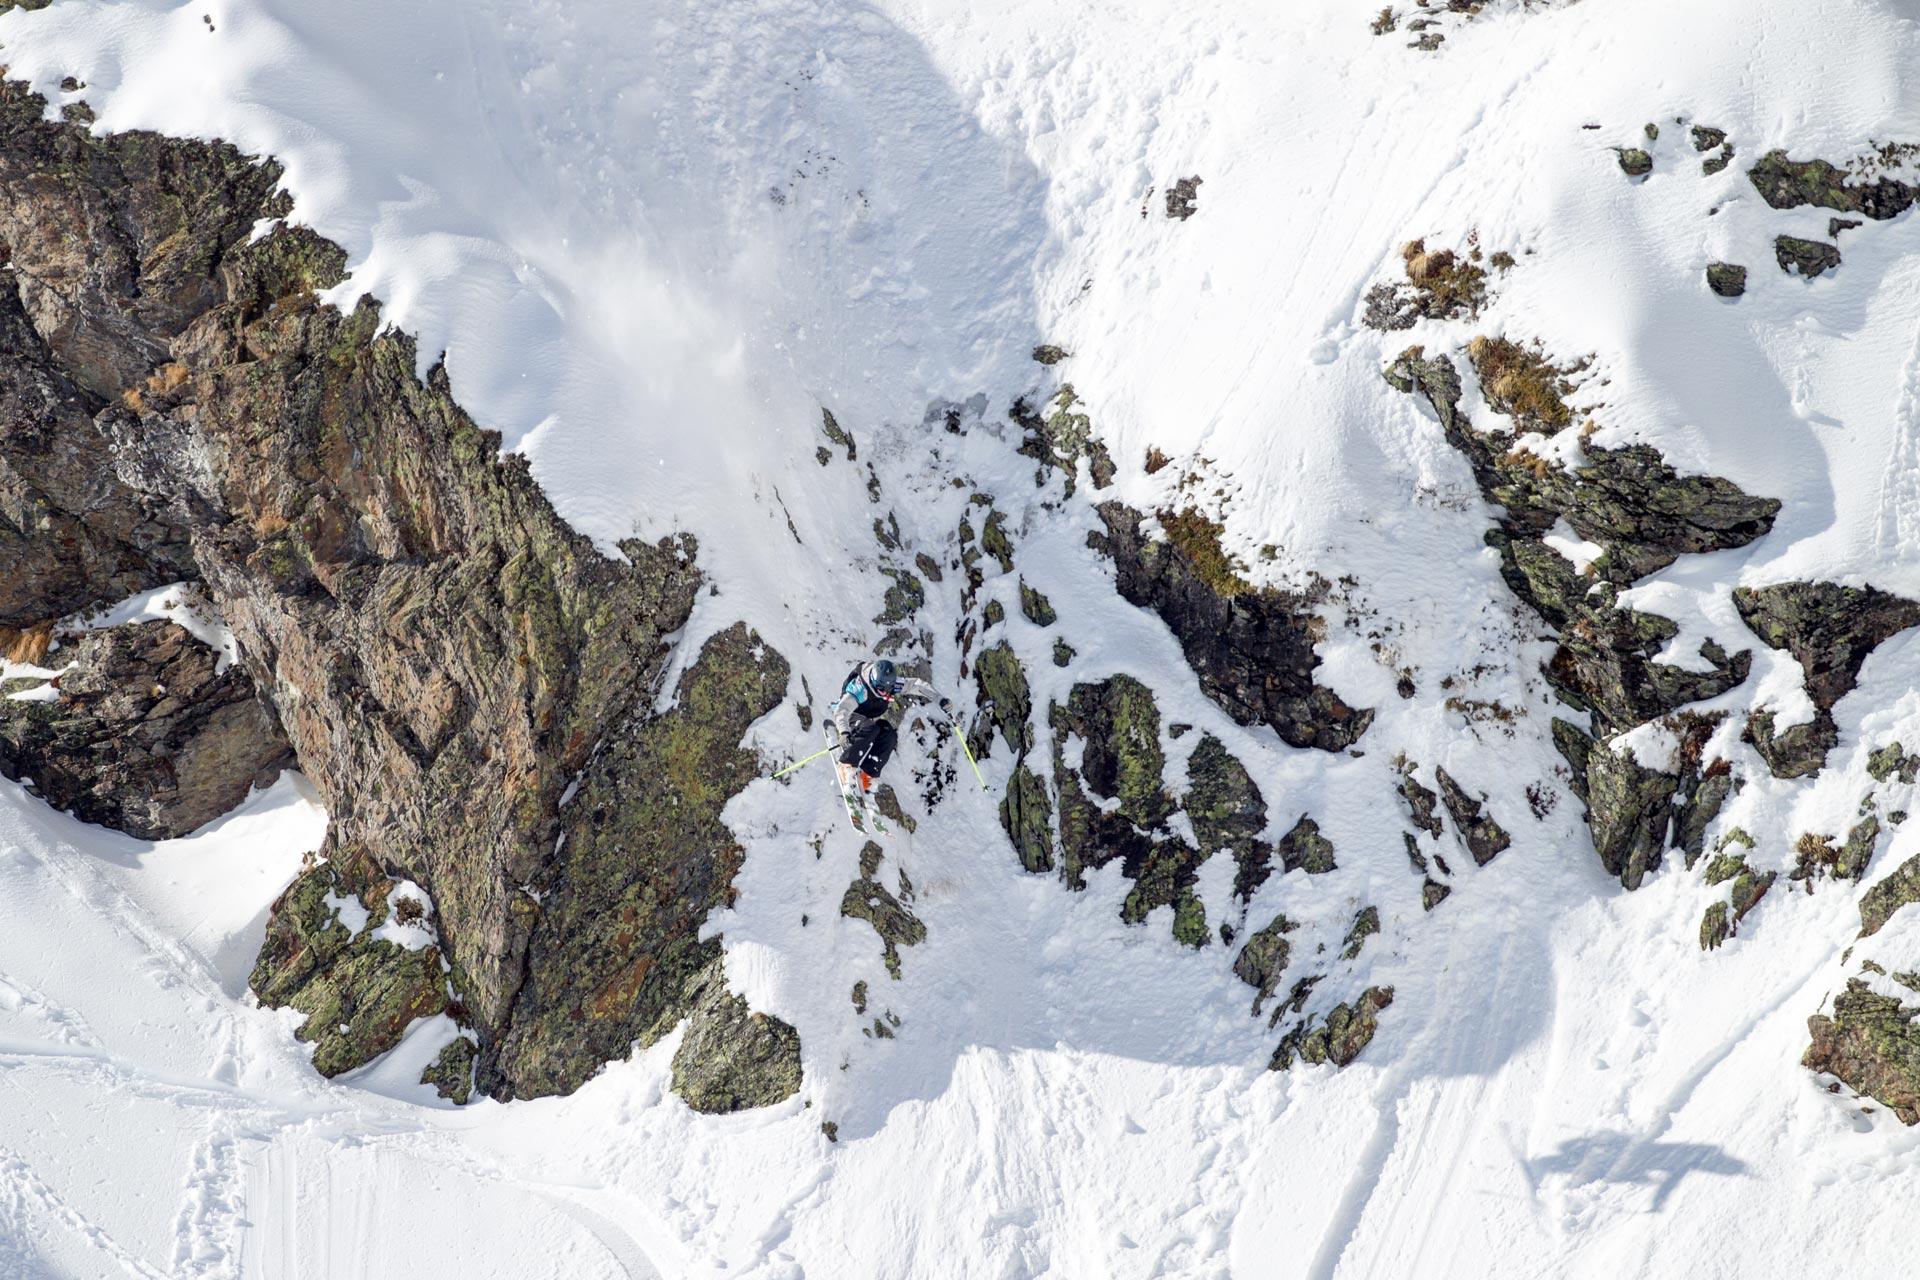 Der zweite Contest in Andorra konnte unter besten Bedingungen stattfinden - Foto: freerideworldtour.com / T. Lloyd